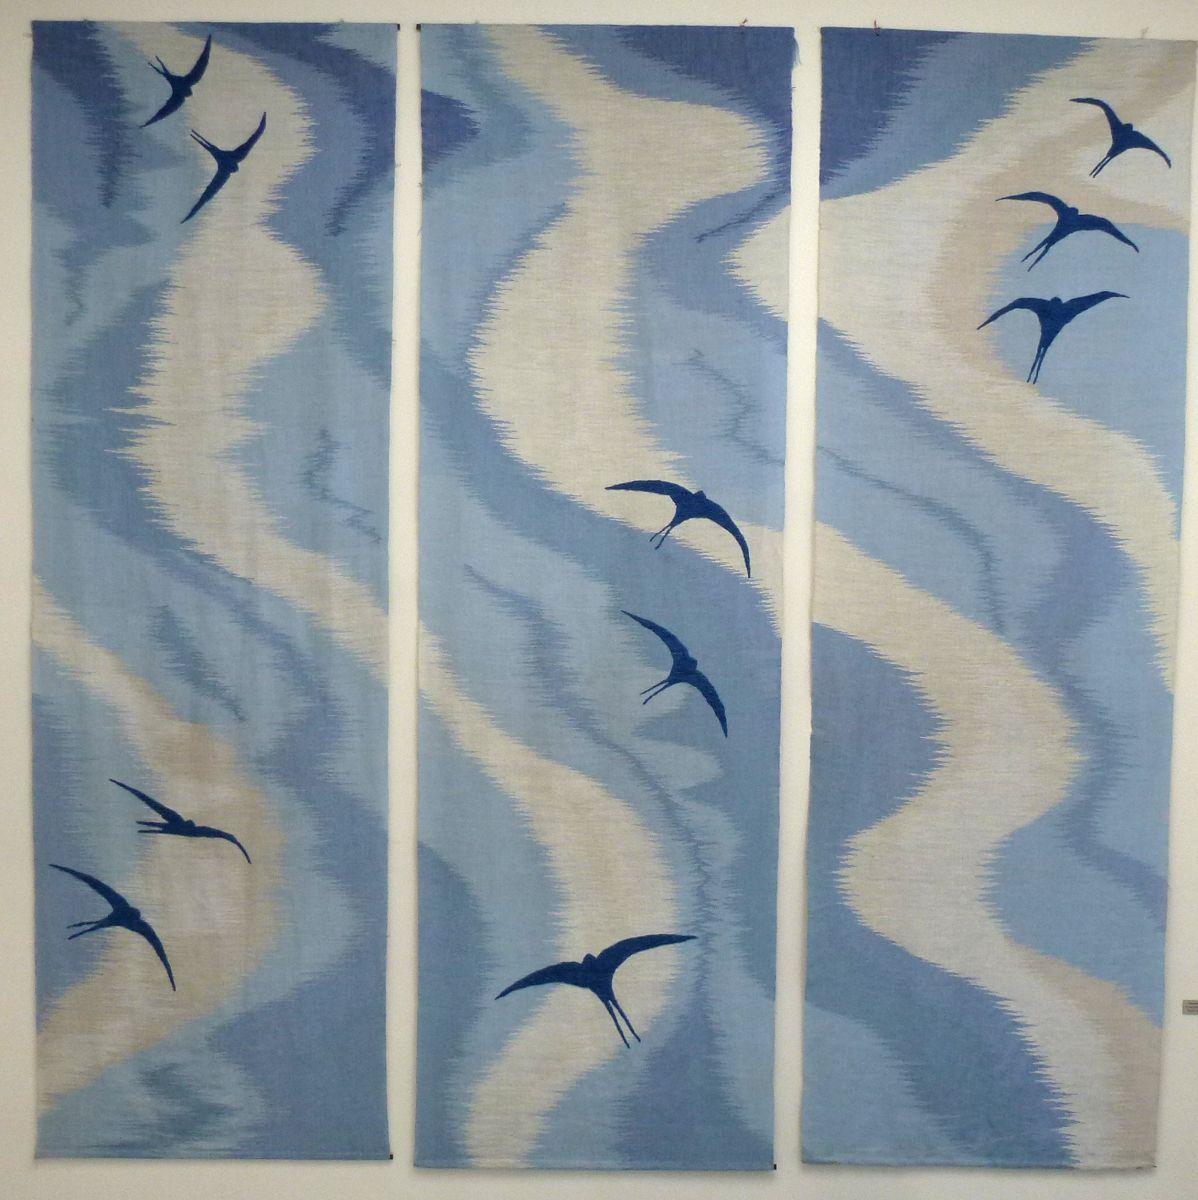 vaevede-billeder-med-fugle